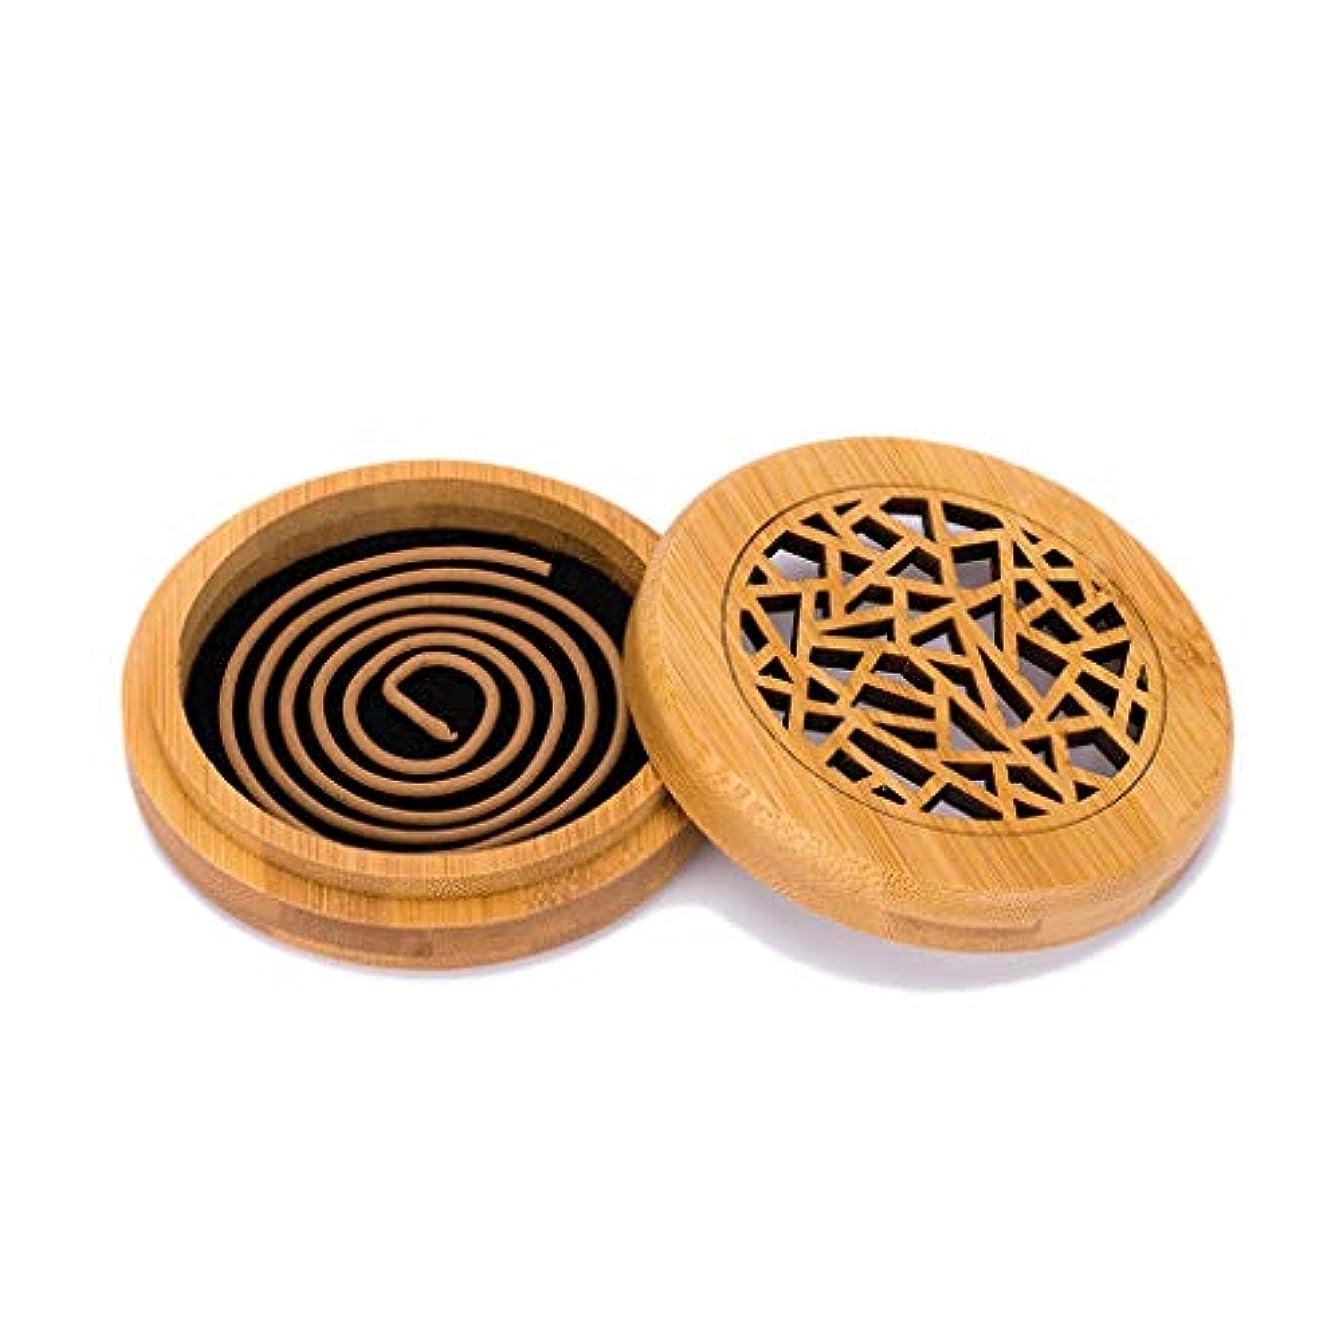 モザイク宇宙飛行士マチュピチュ竹の香バーナーコイルの香バーナー部屋の装飾瞑想竹の香り天然素材香ホルダー (Color : WOOD, サイズ : Round)